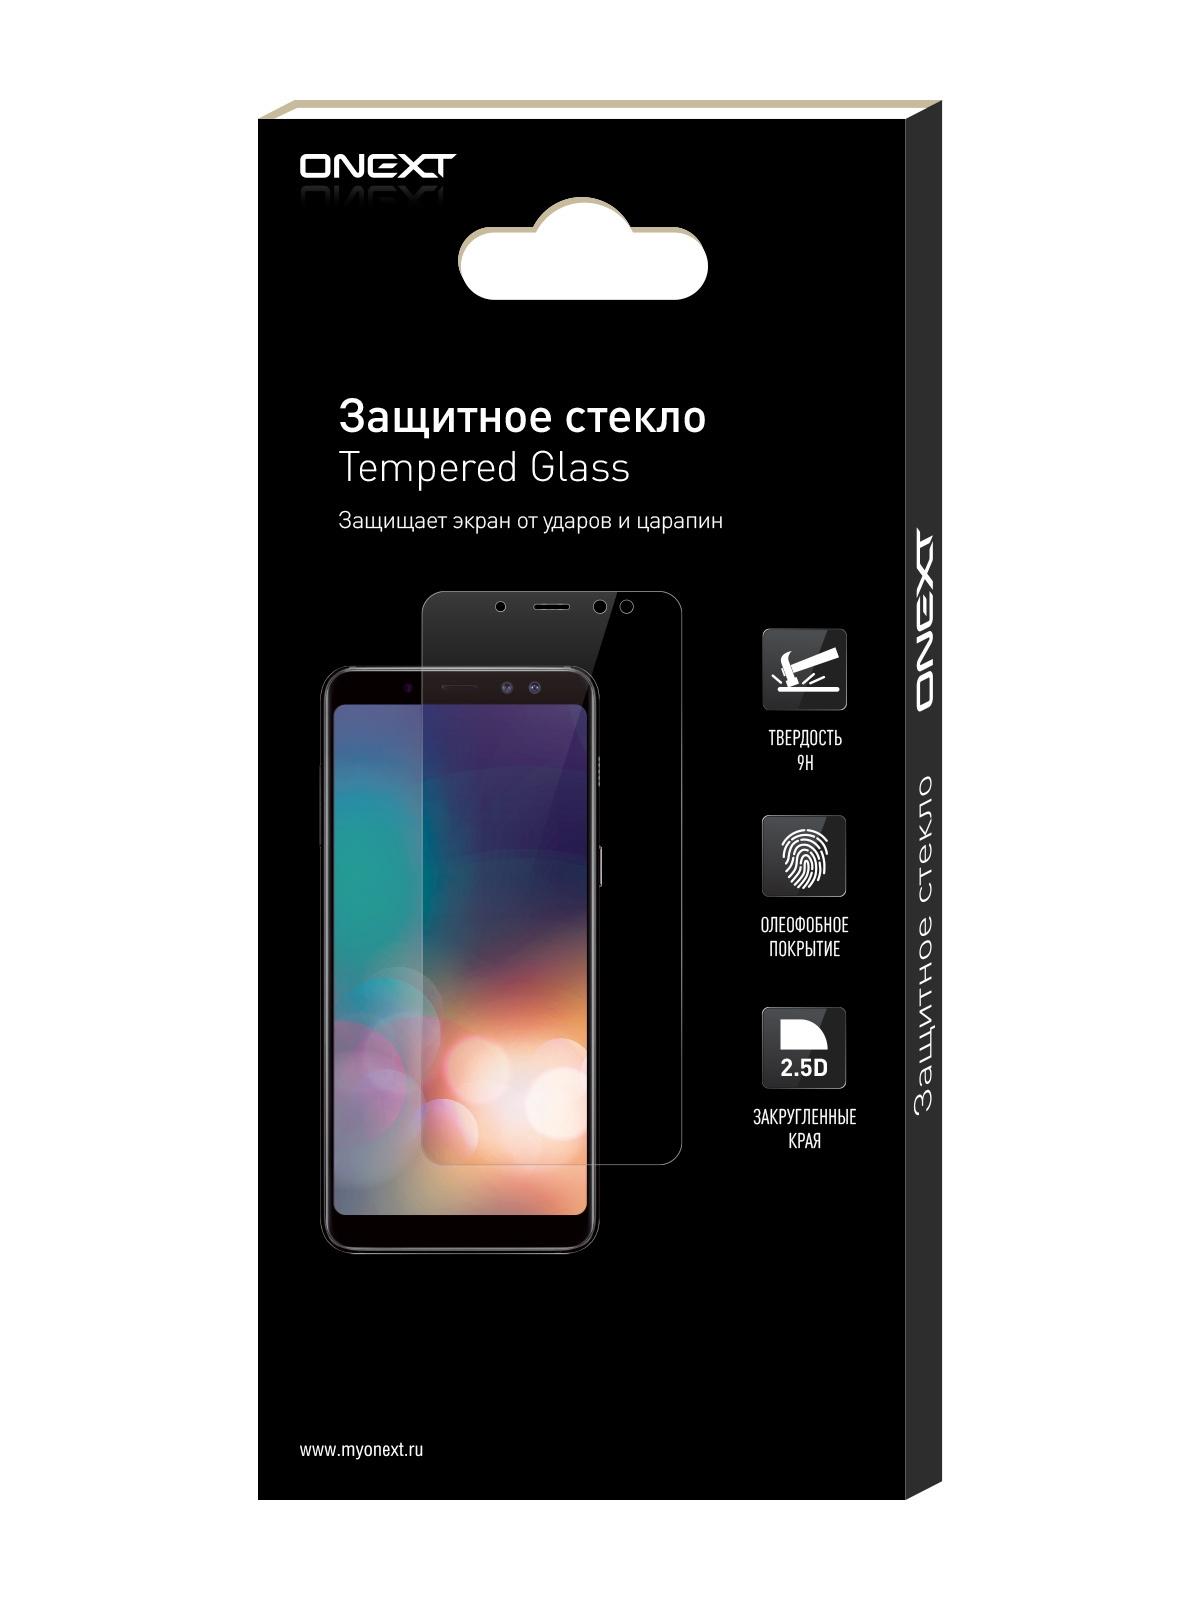 Защитное стекло ONEXT Samsung Galaxy J7 Neo защитное стекло для samsung galaxy j7 2017 sm j730fm onext на весь экран с розовой рамкой